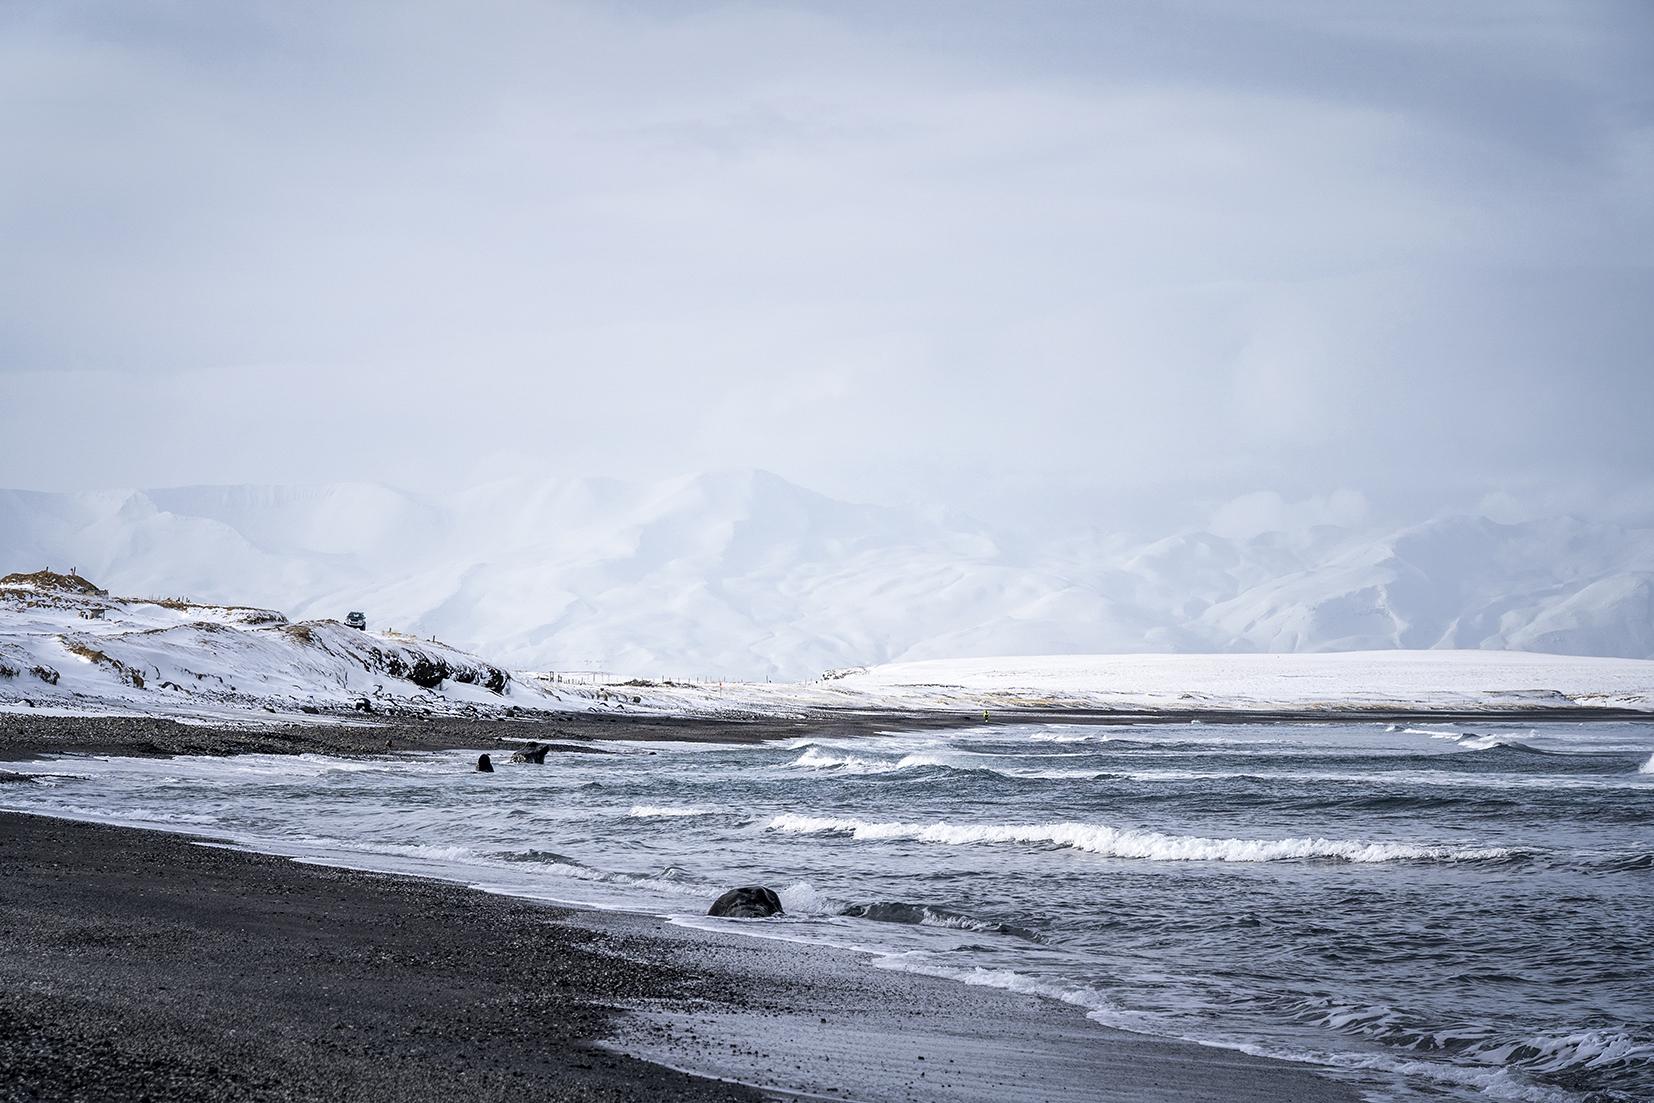 plage de sable noir montagnes mer neige